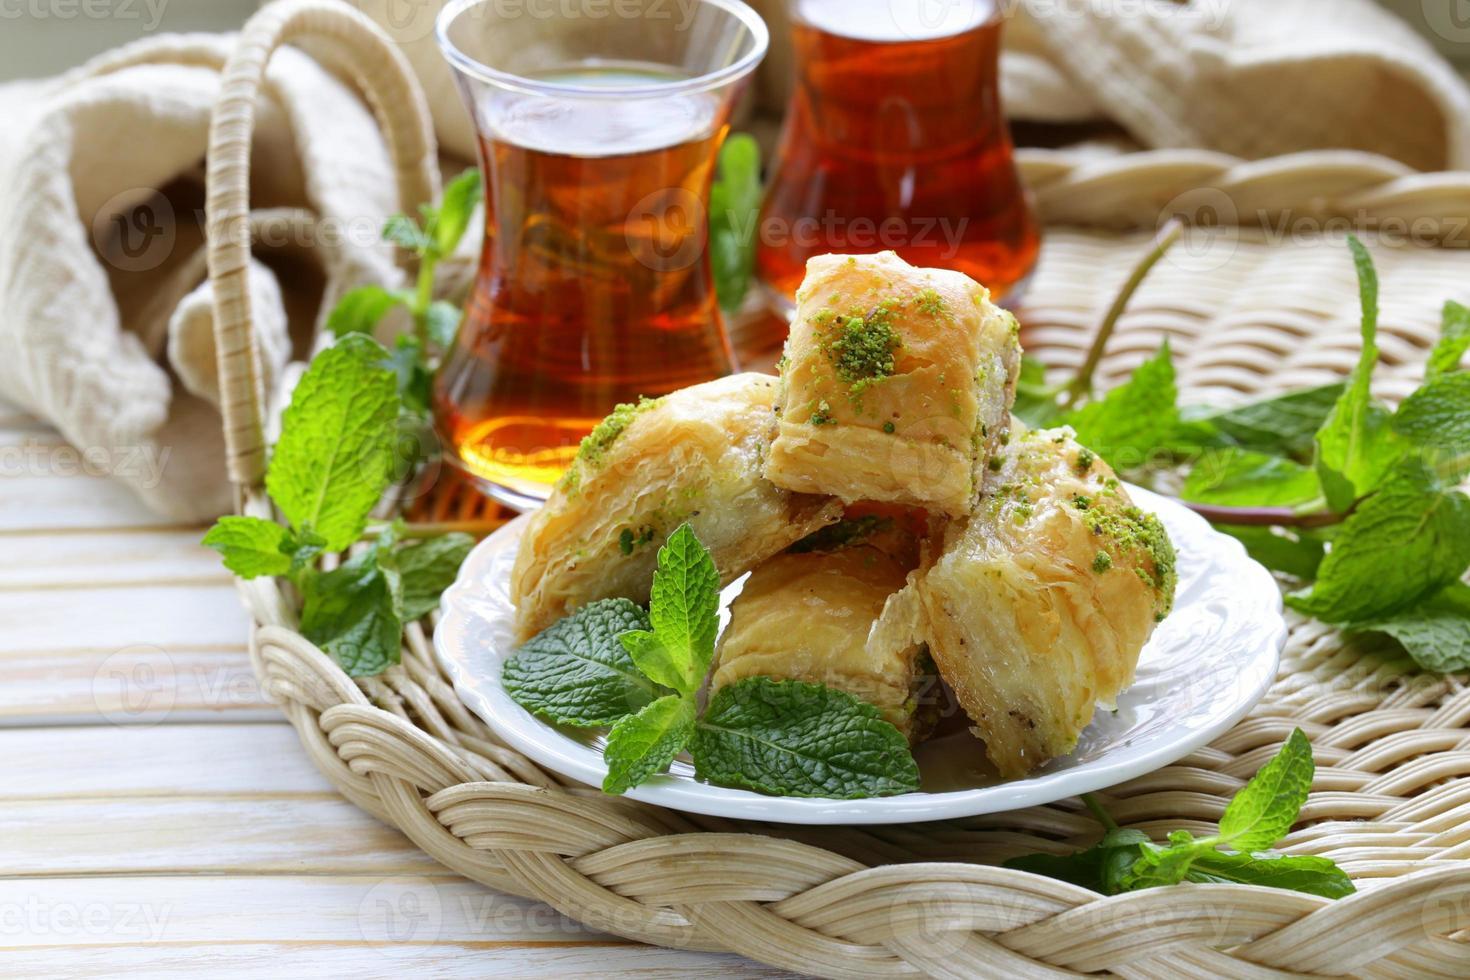 traditioneel Turks Arabisch dessert - baklava met honing en pistachenoten foto